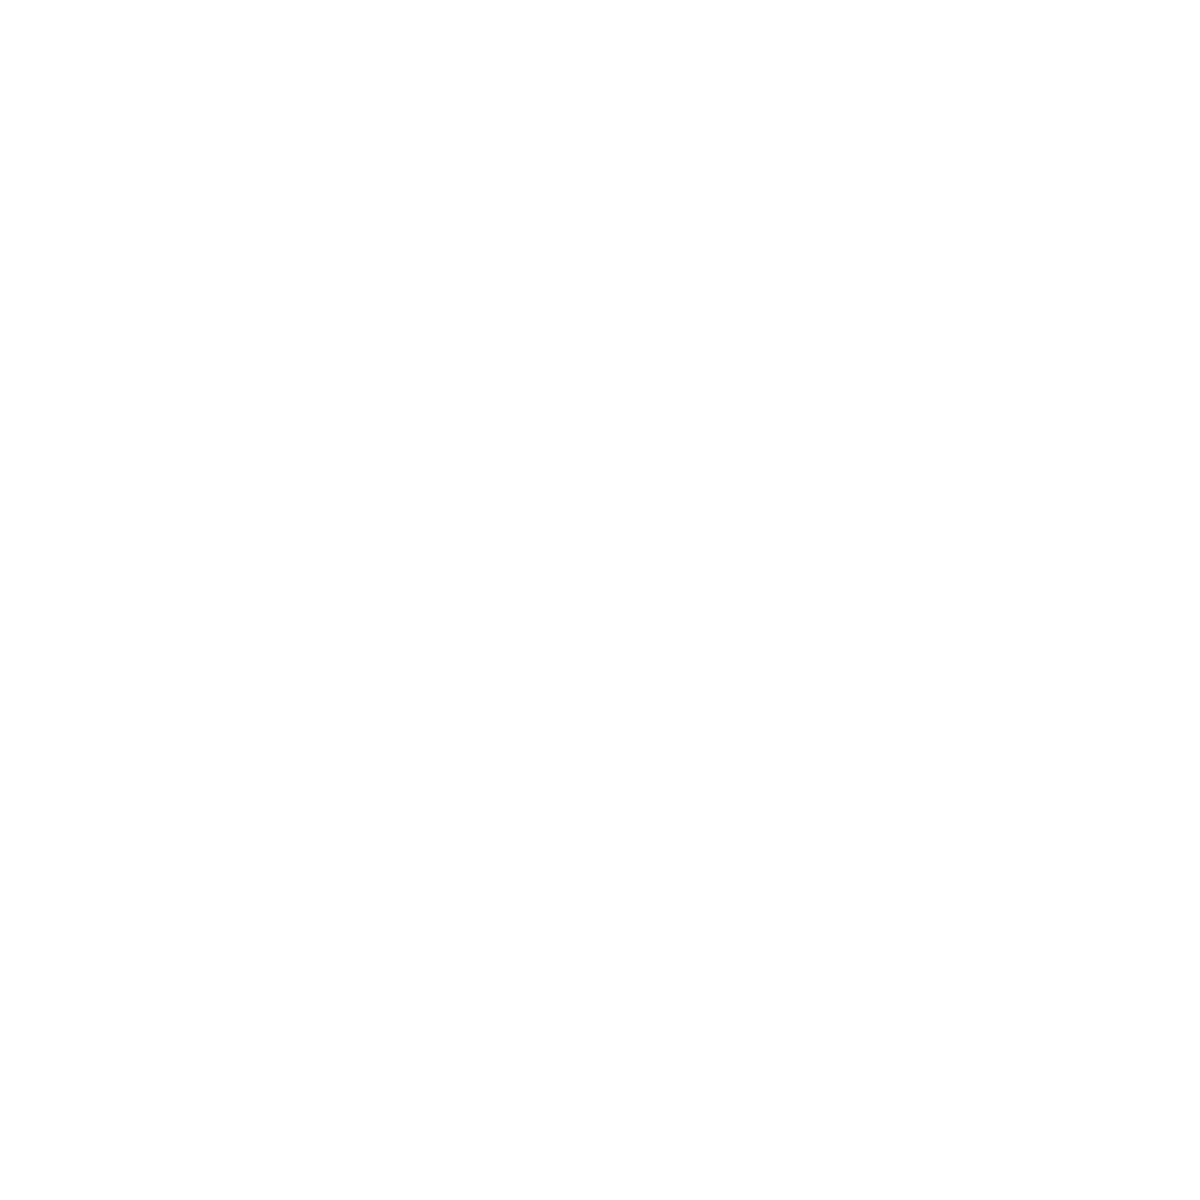 ucat-books